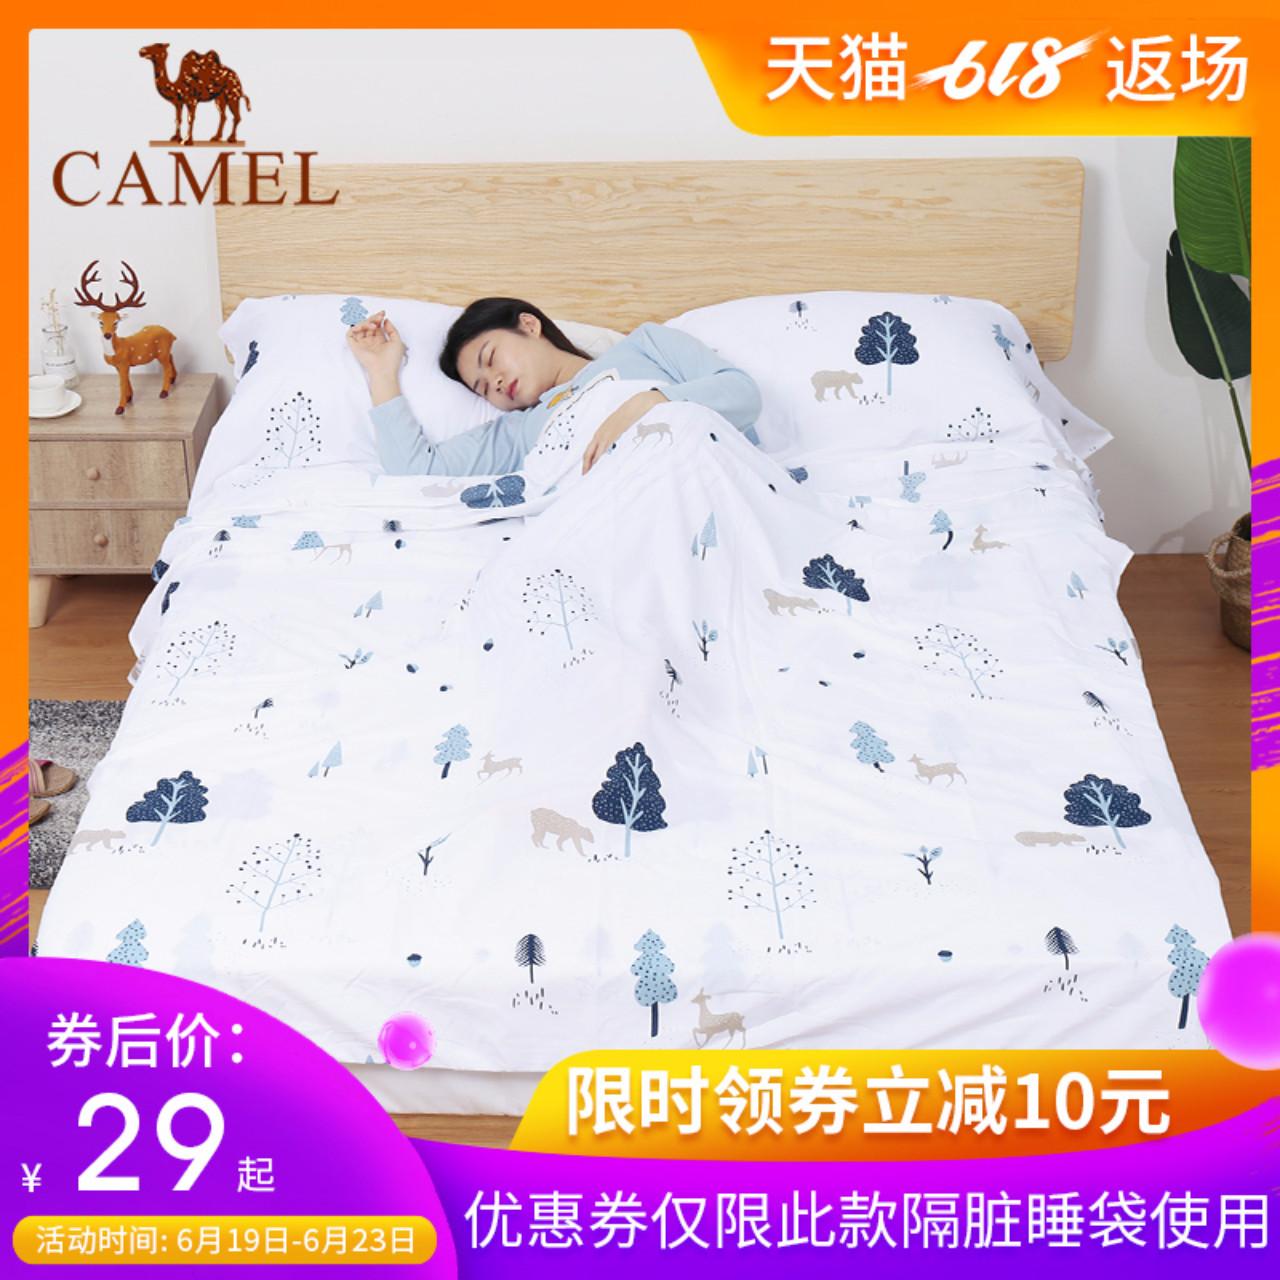 骆驼旅行住酒店隔脏睡袋大人宾馆单双人旅游床单被套便携式非纯棉